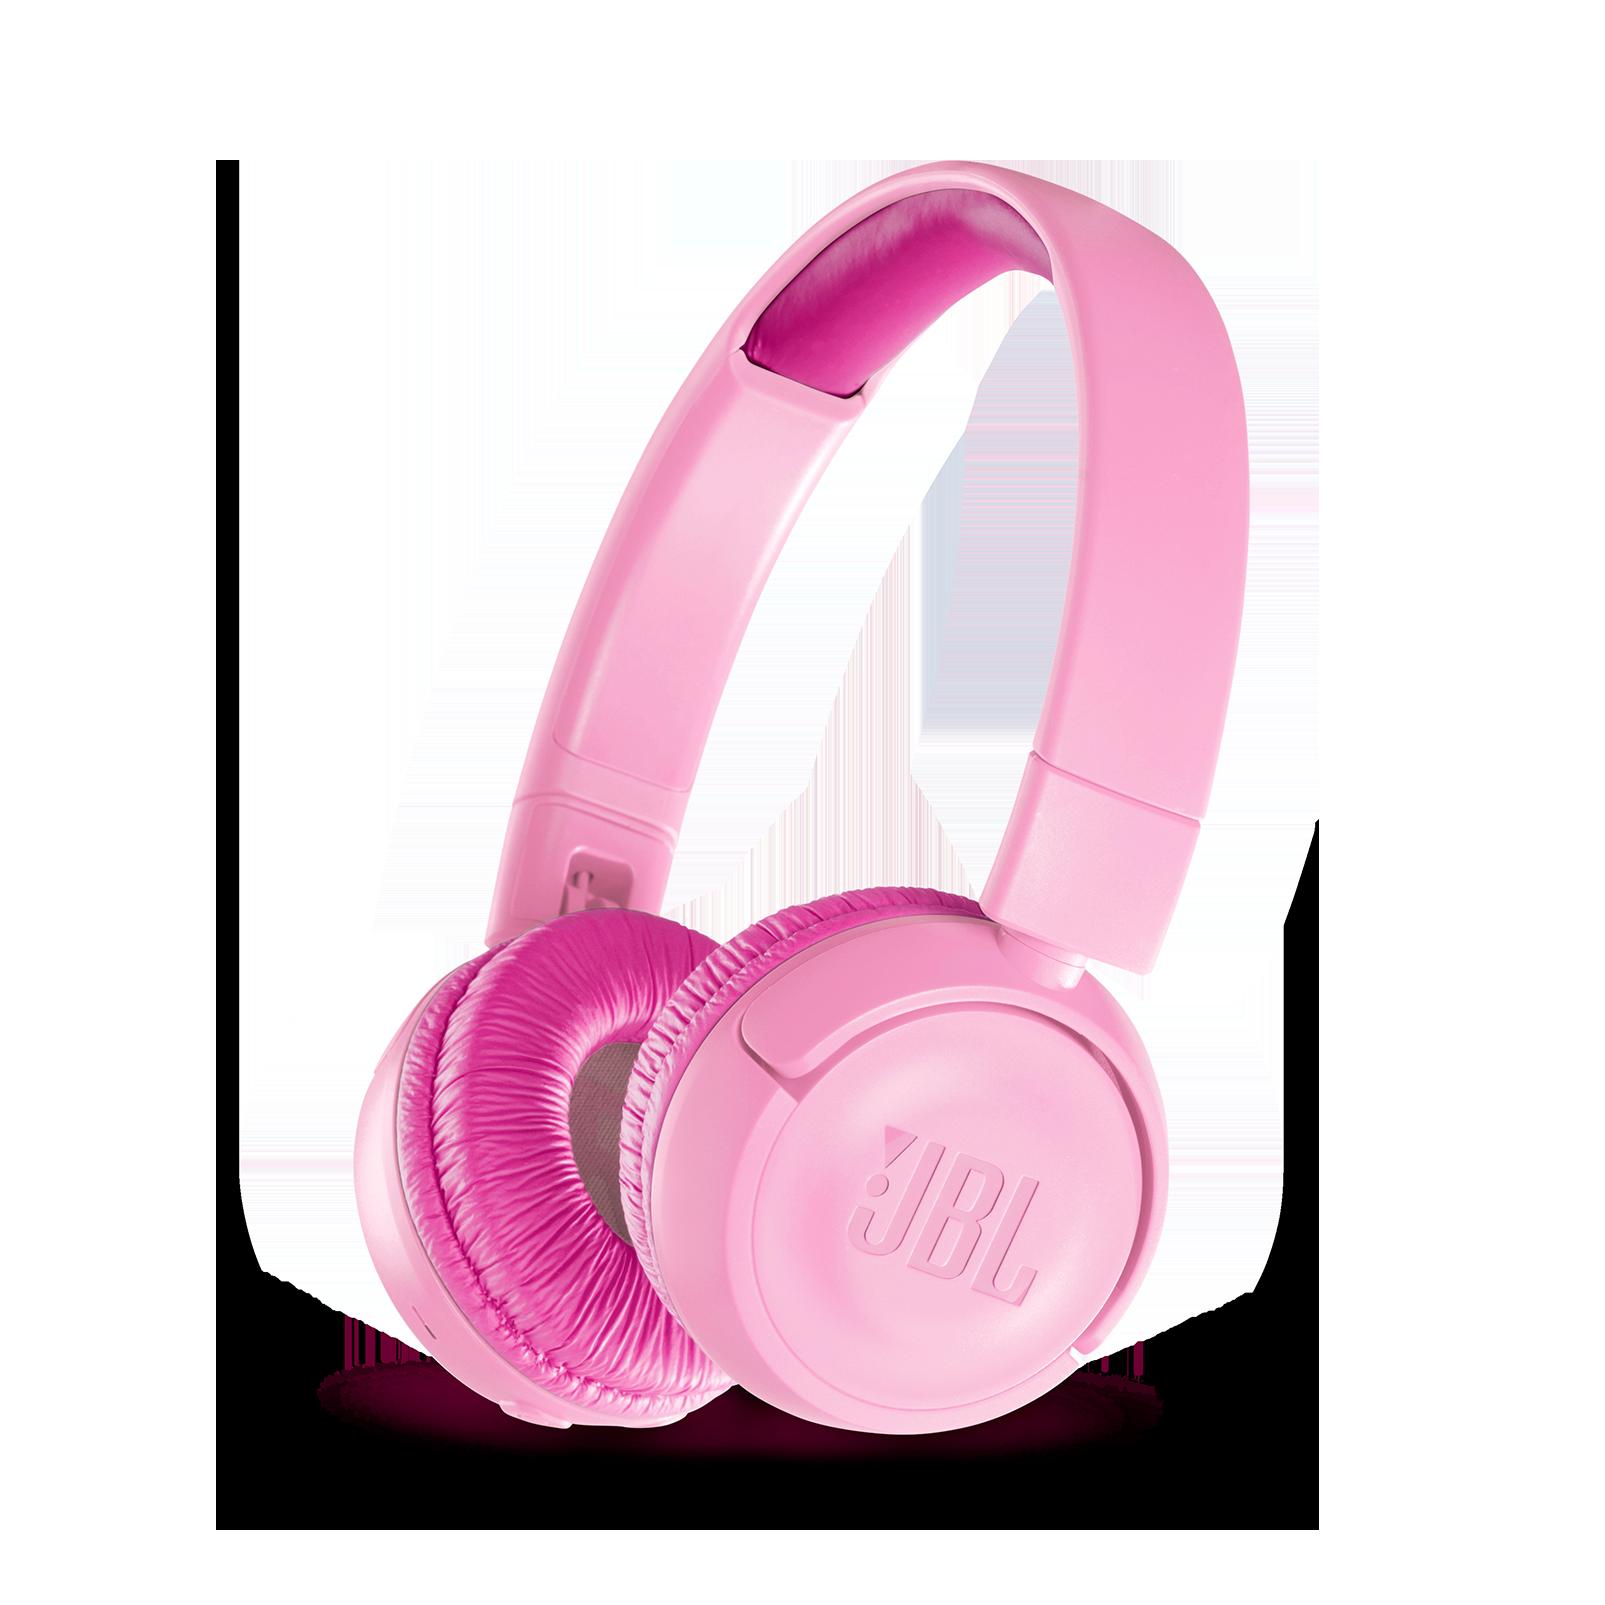 JBL JR300BT - Pink - Kids Wireless on-ear headphones - Hero